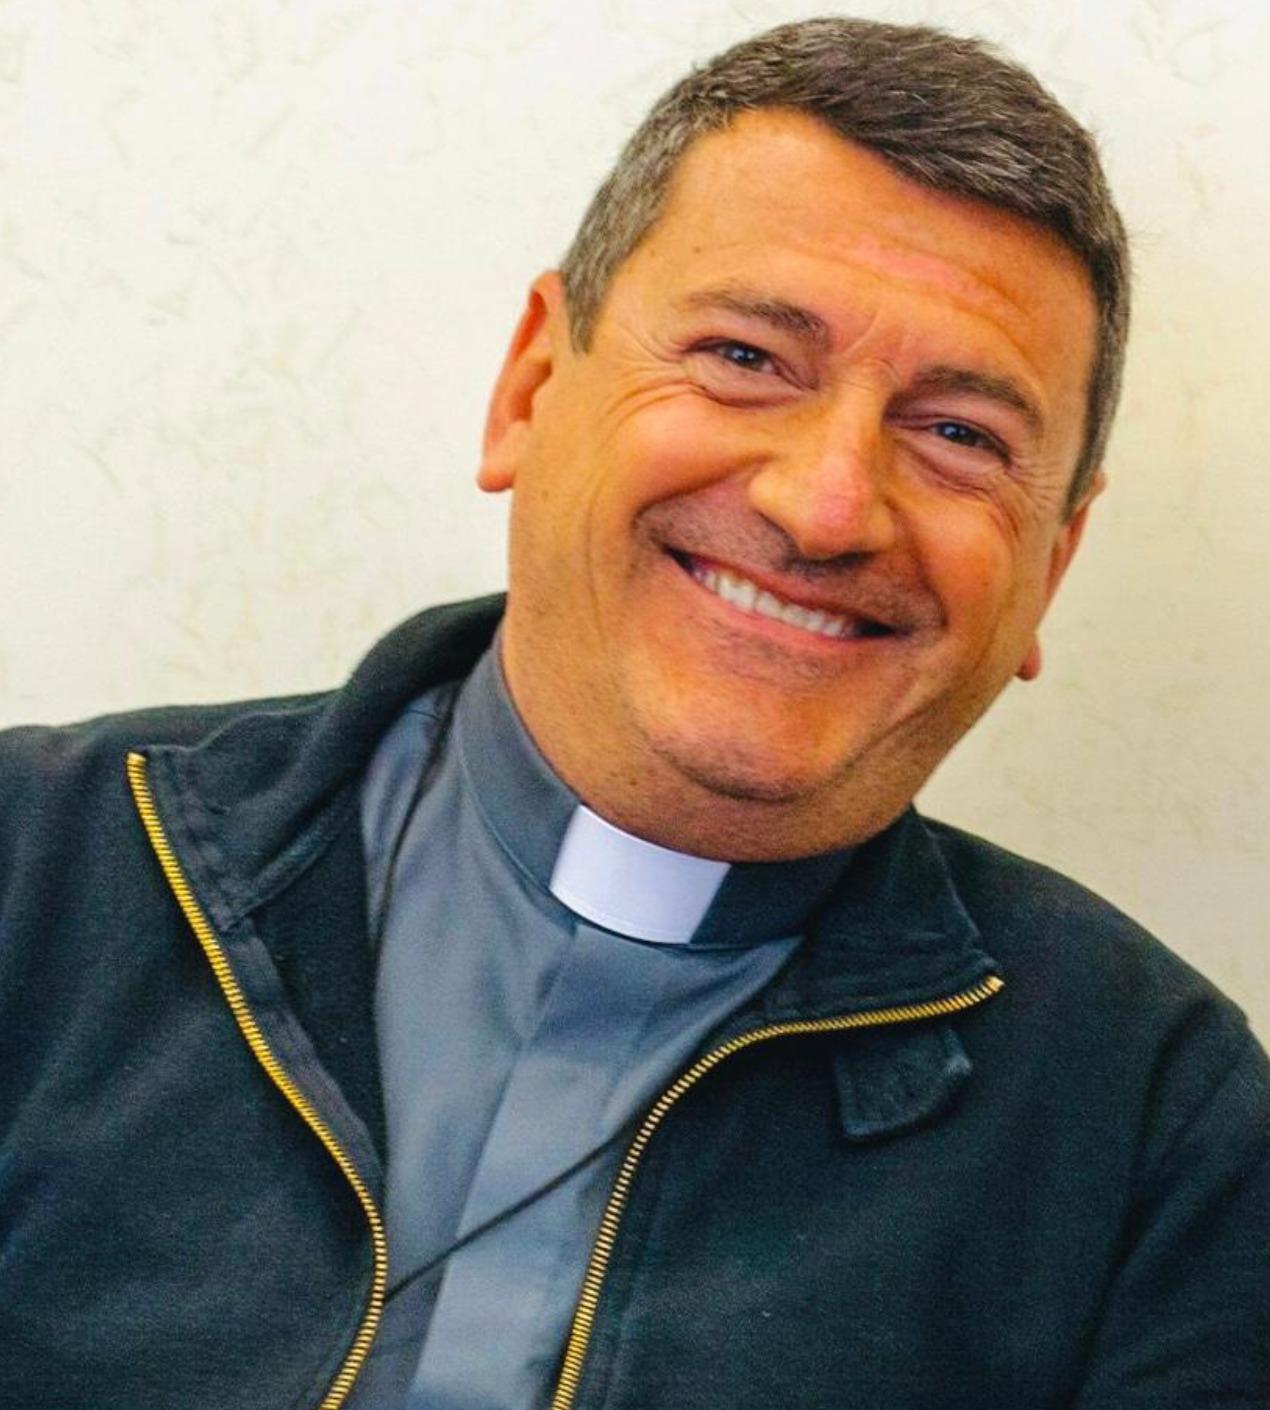 Il famoso conduttore Rai si è fatto prete. La nuova (e felice) vita dopo anni di tv